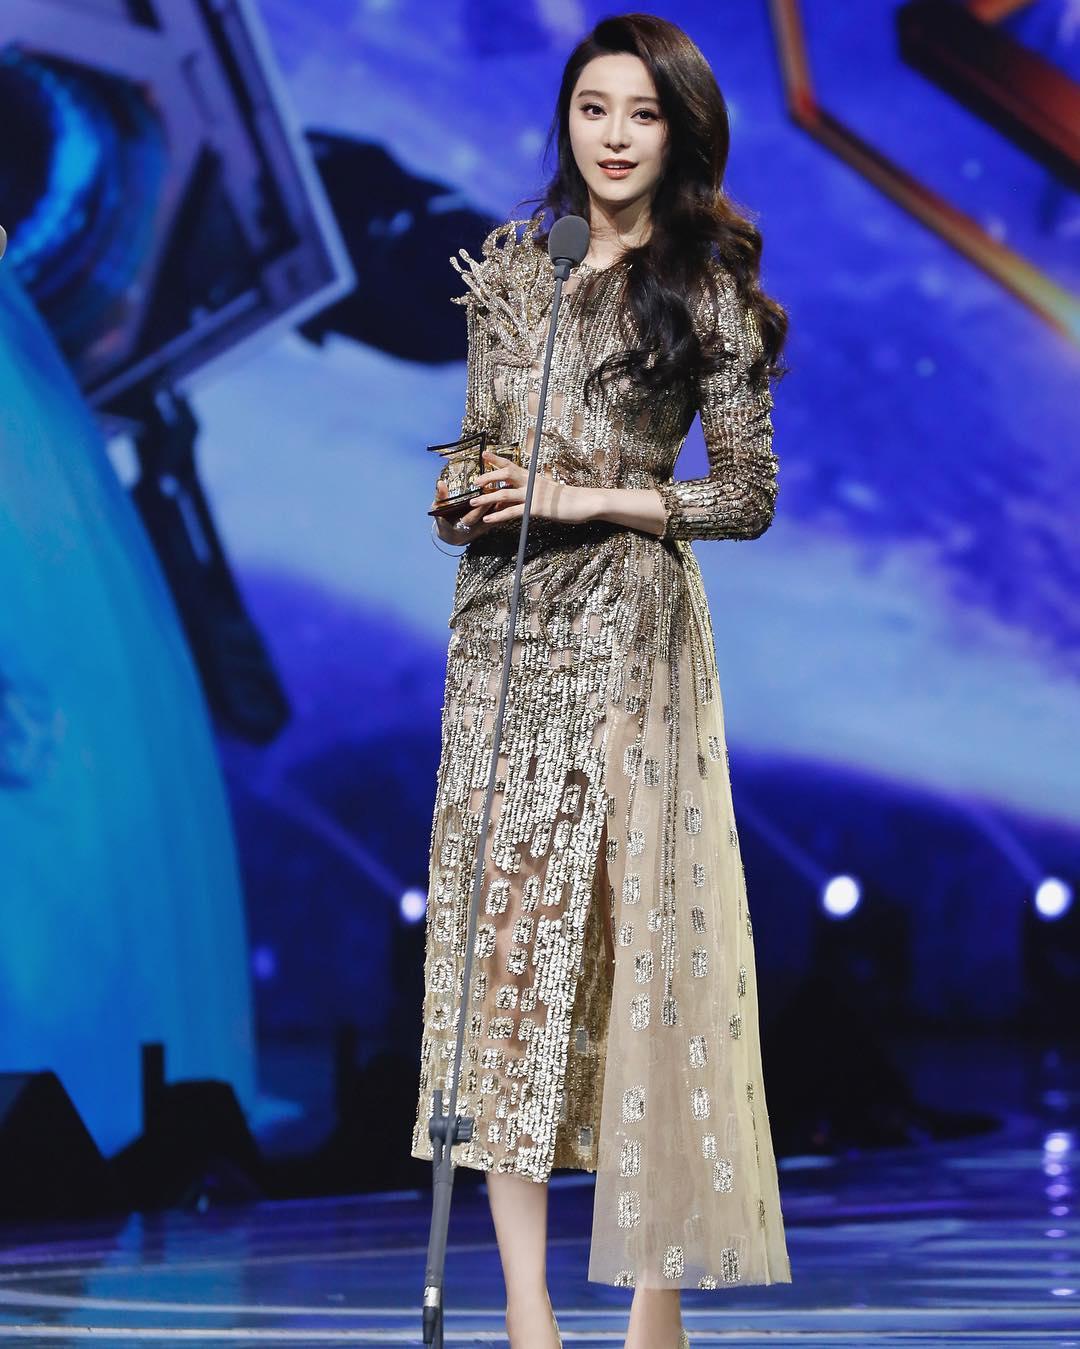 Hình ảnh Phạm Băng Băng trên sân khấu